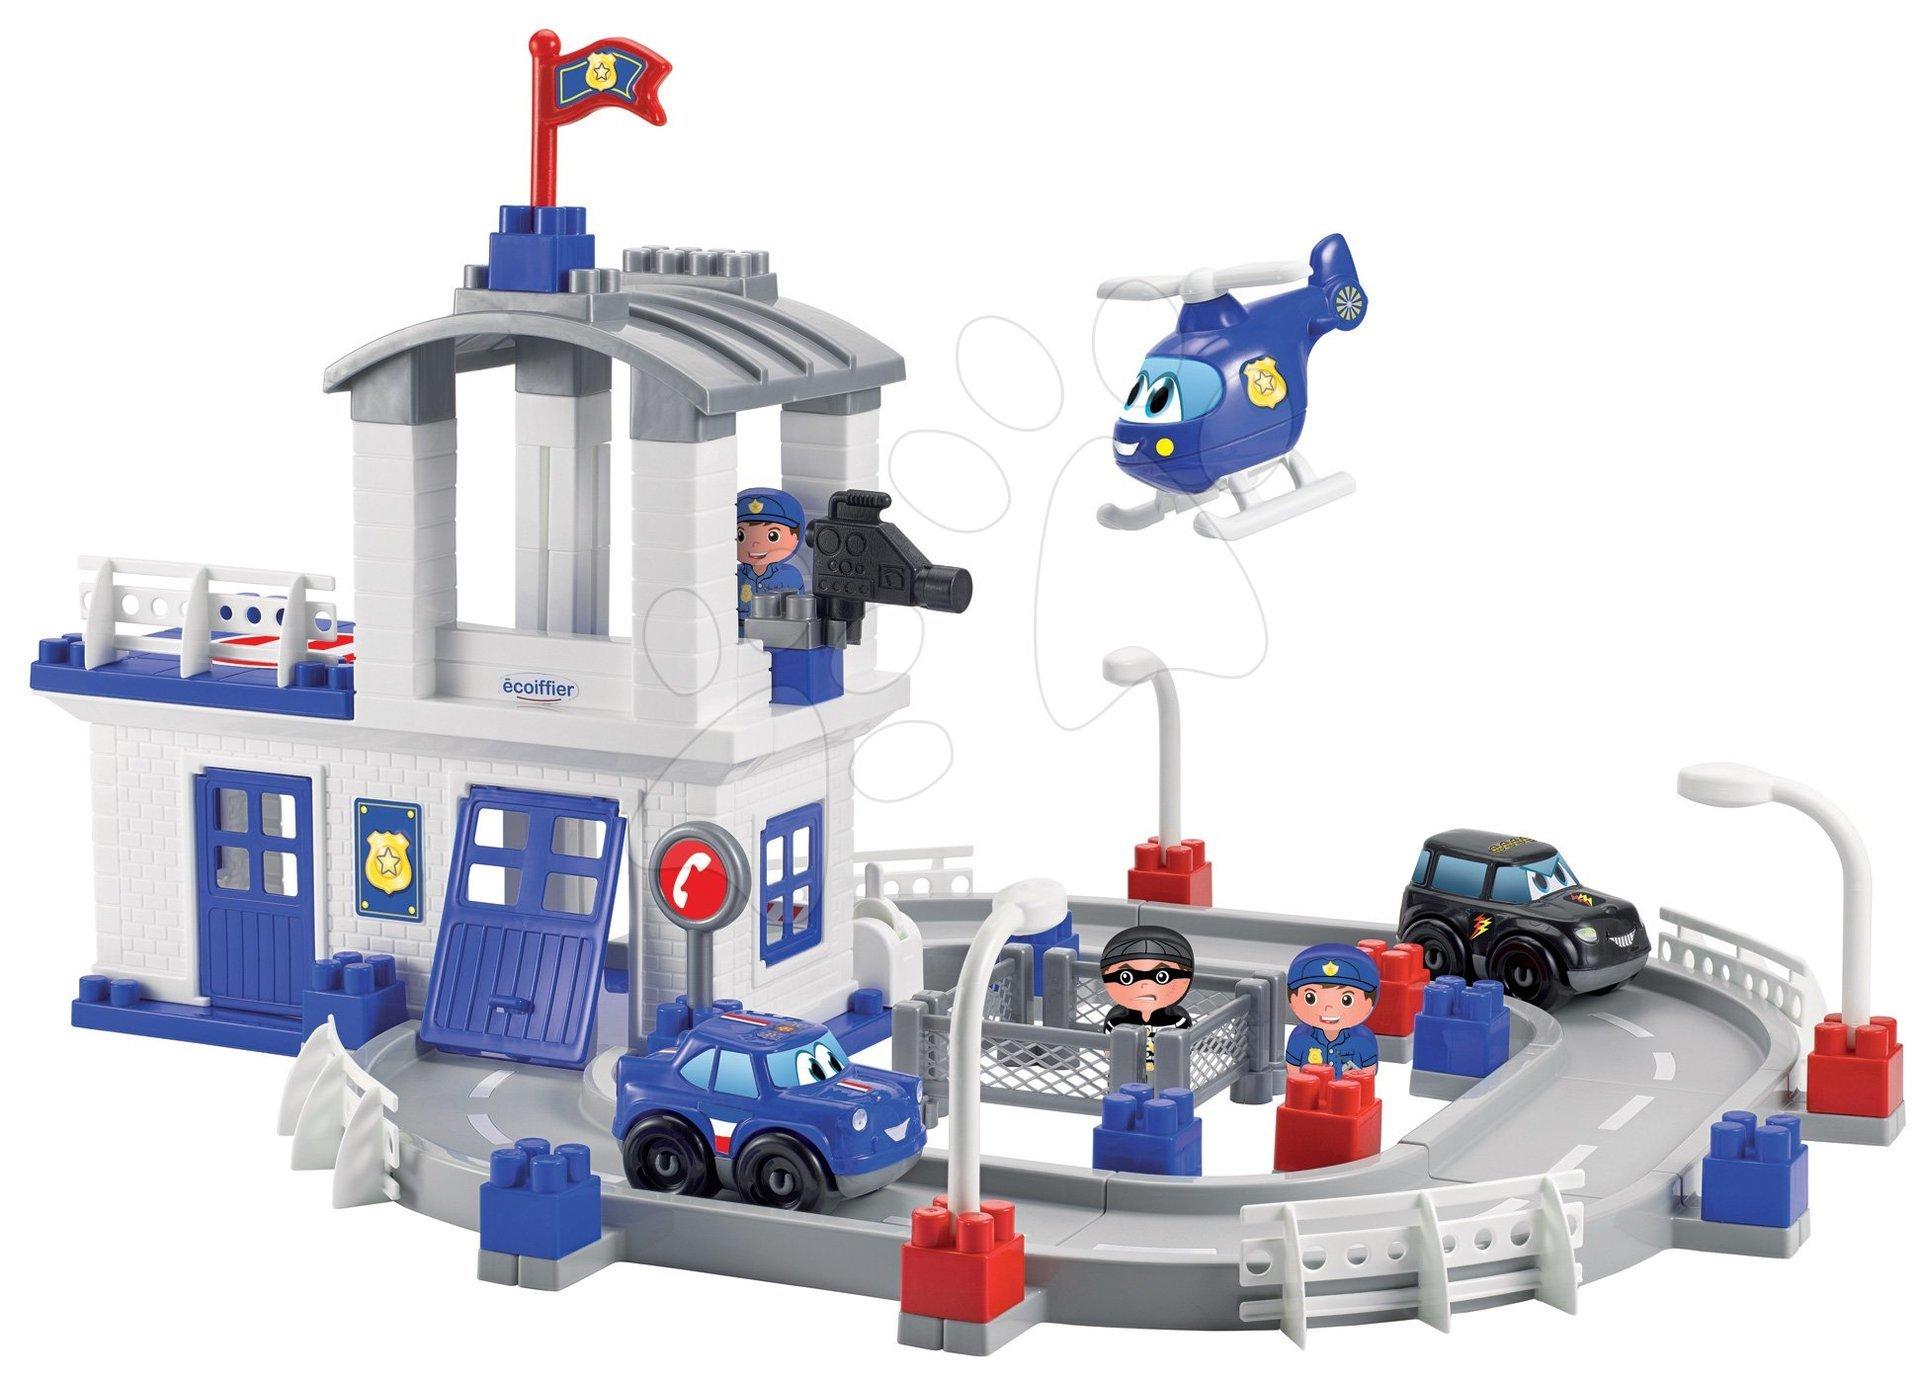 Építőjáték rendőrség útpályával Abrick Écoiffier 2 autóval és 3 figurával 18 hó-tól